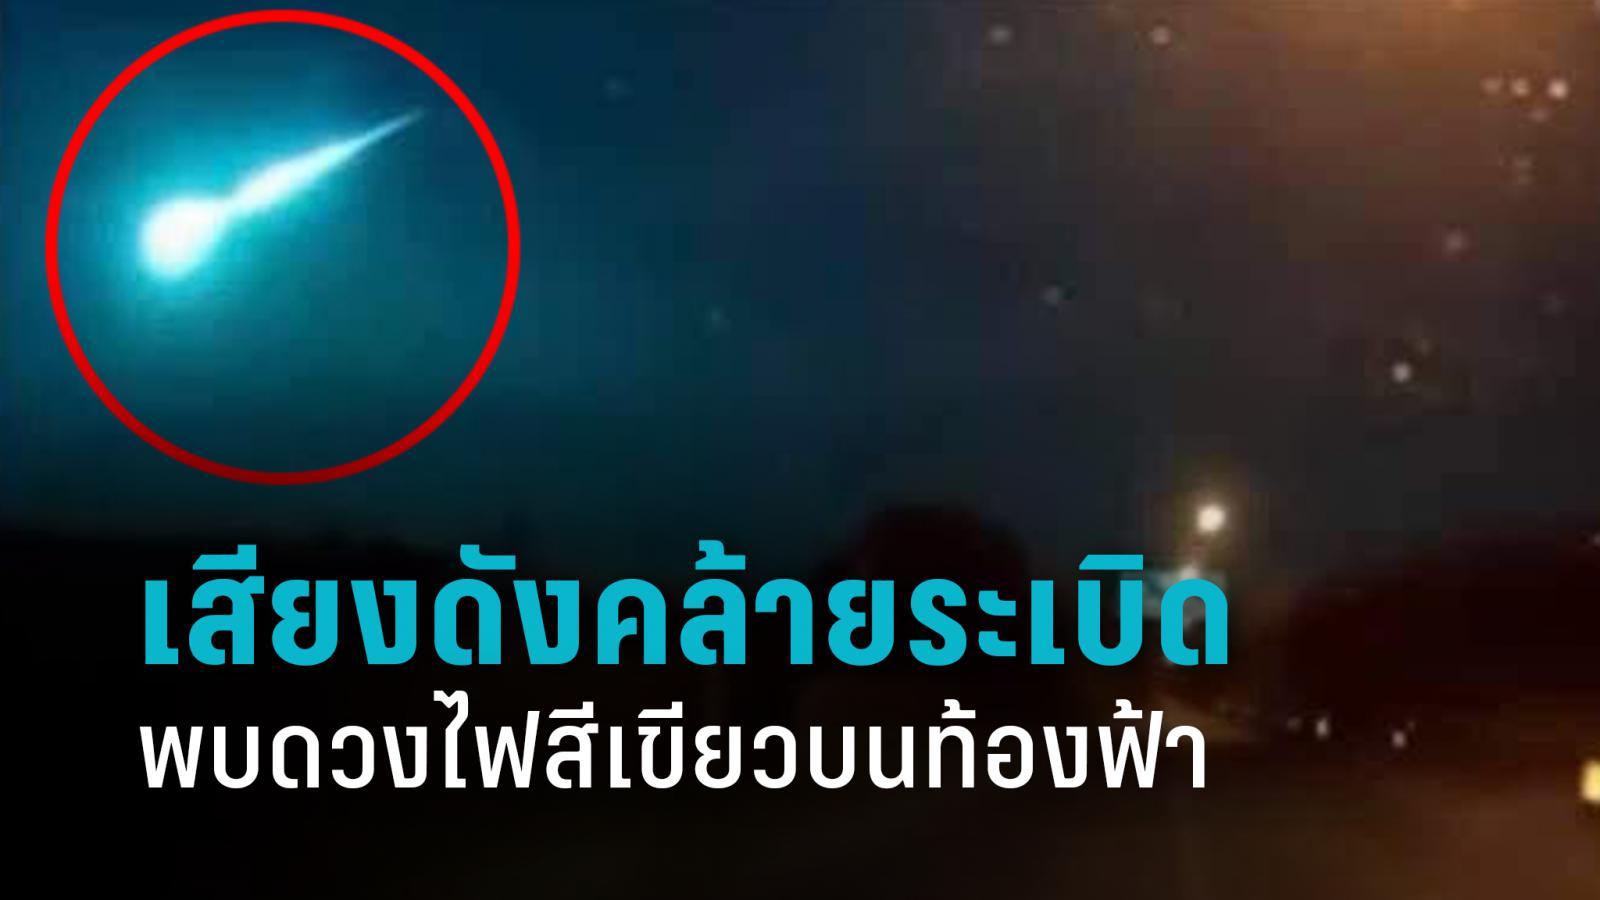 โซเชียลแชร์สนั่นเกิดเสียงระเบิดดังเห็นดวงไฟสีเขียวบนท้องฟ้า